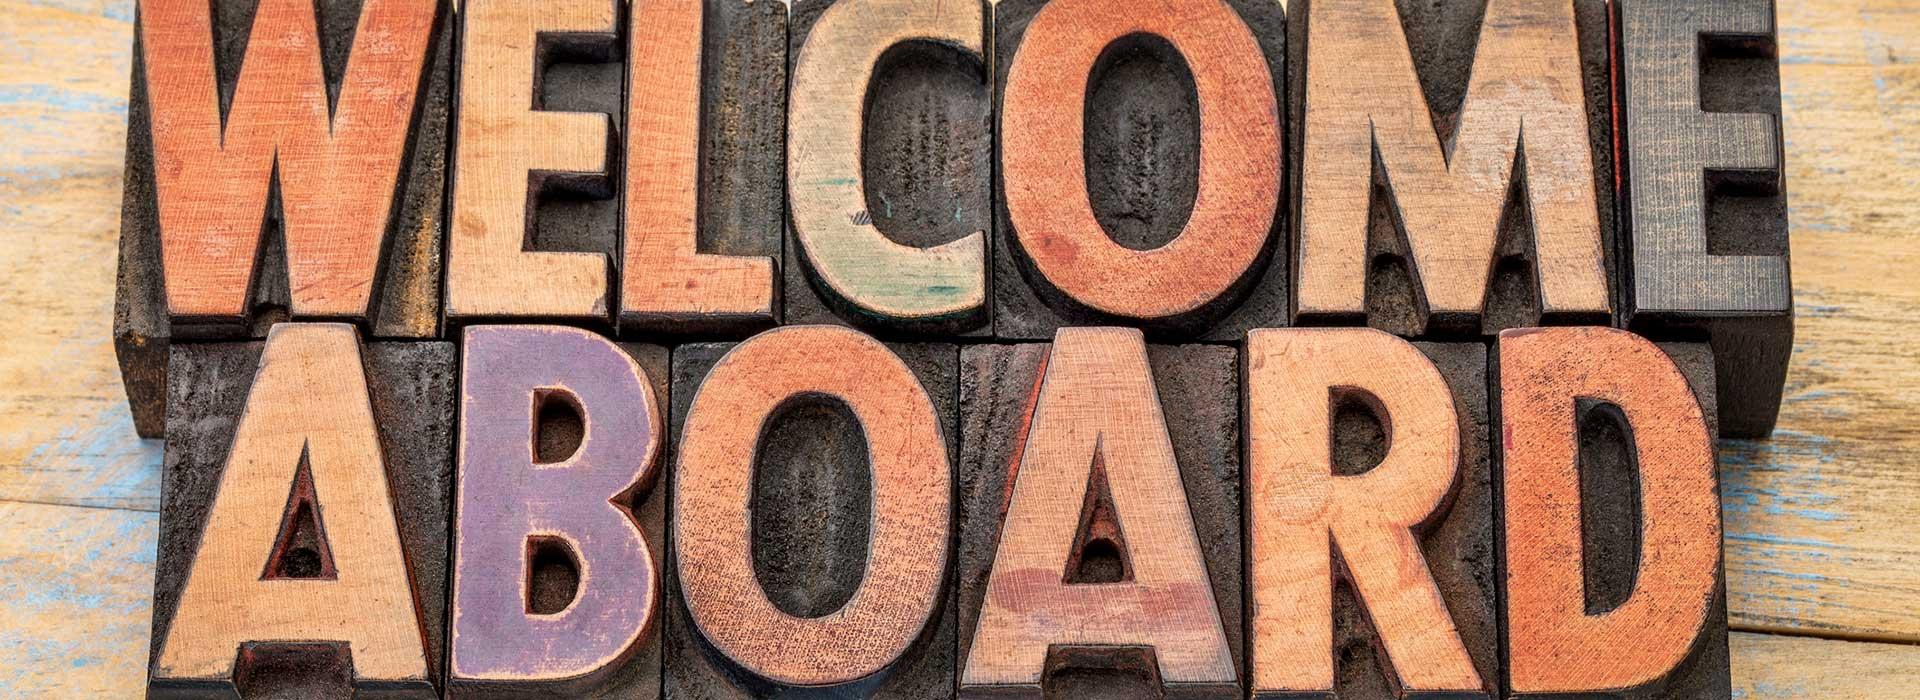 """""""Bienvenue à bord"""" écrit avec des blocs de lettres en bois"""